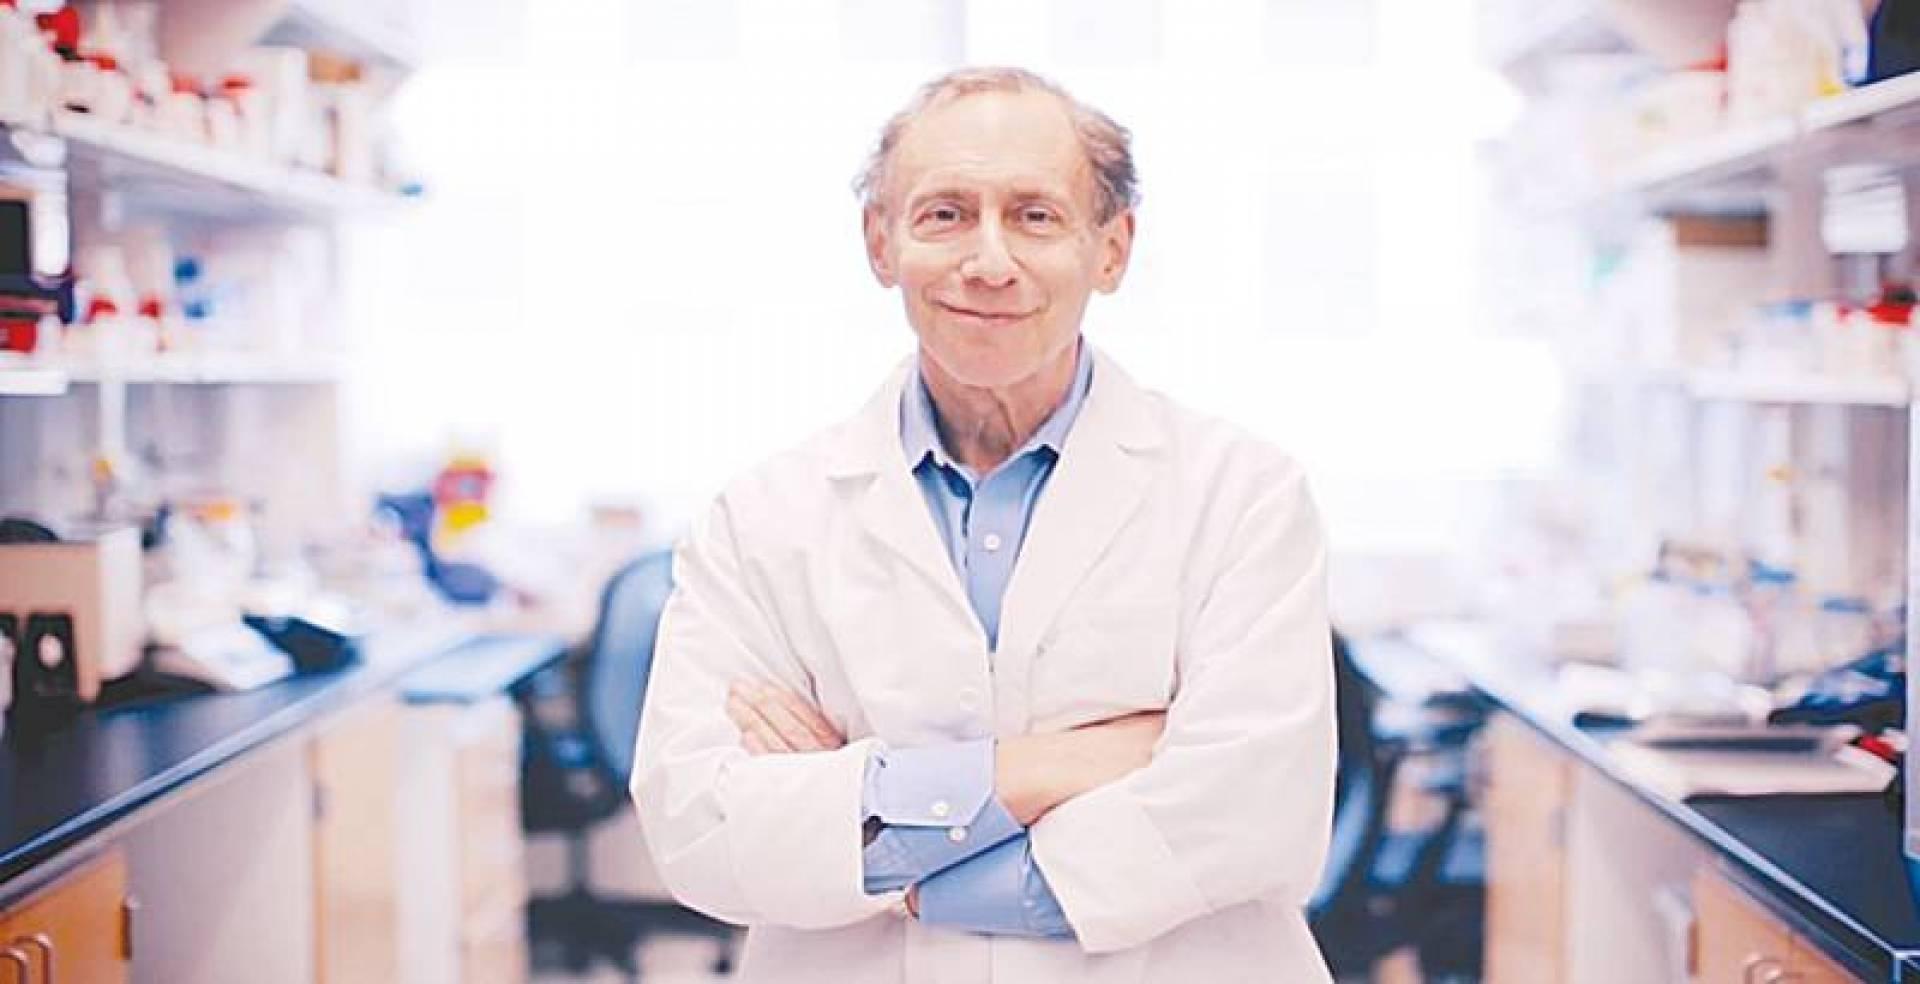 د. روبرت لانجر: ابتكار خلايا المناعة «السوبر» أحدث ثورة في علاج السرطان